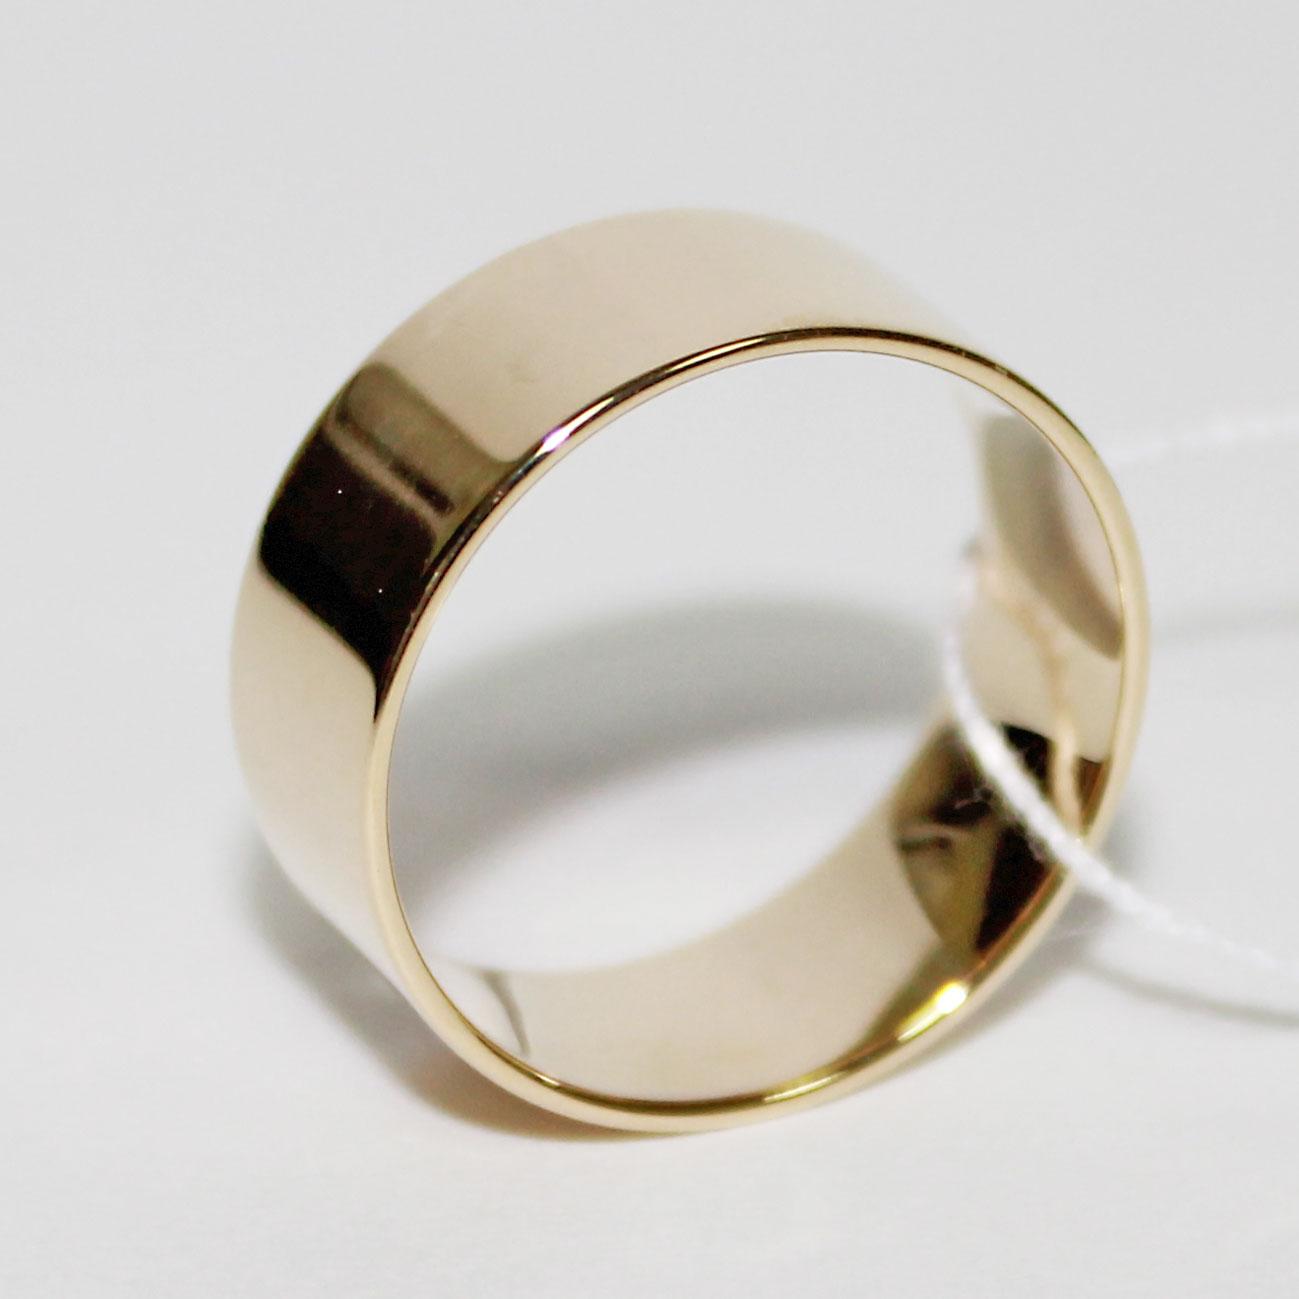 Обручальное кольцо широкое 8 mm, желтое золото 585 пробы 3a0b671850f